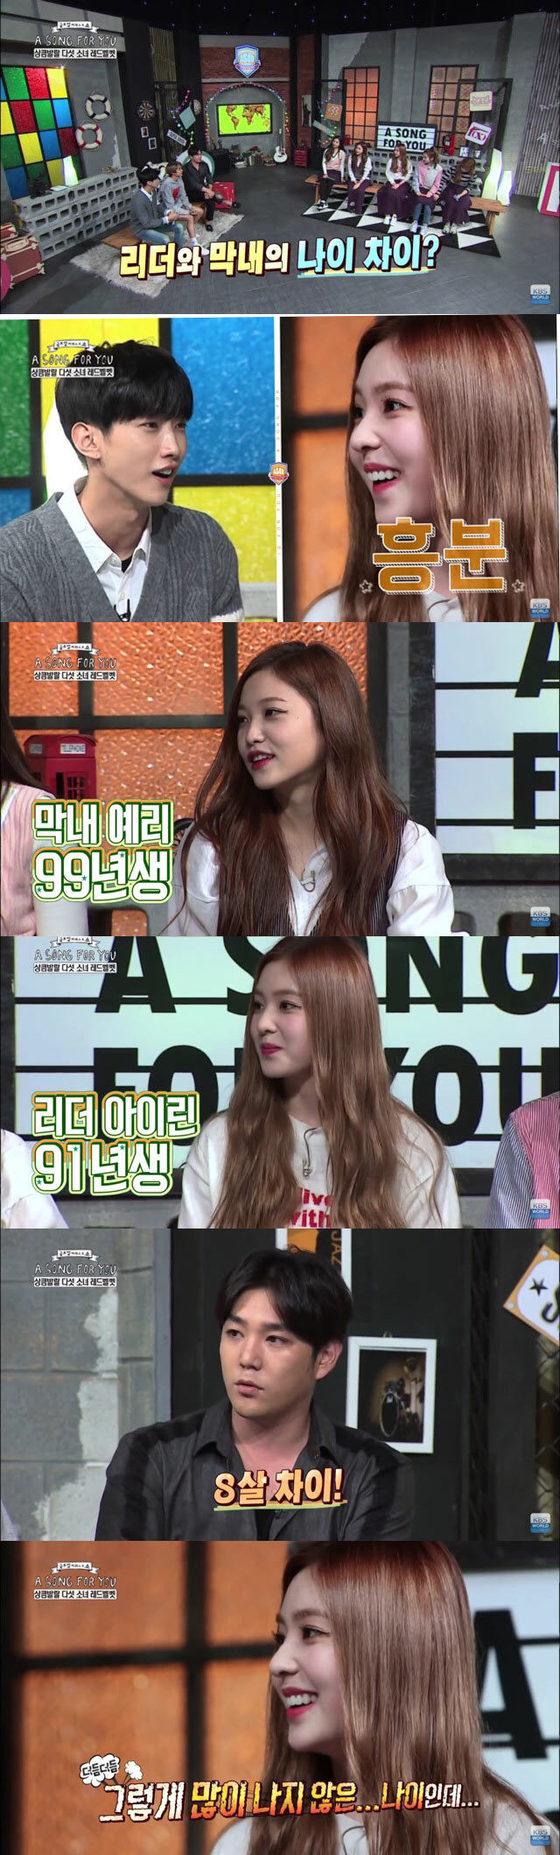 [사진 KBS2 '글로벌 리퀘스트 쇼 어송포유']